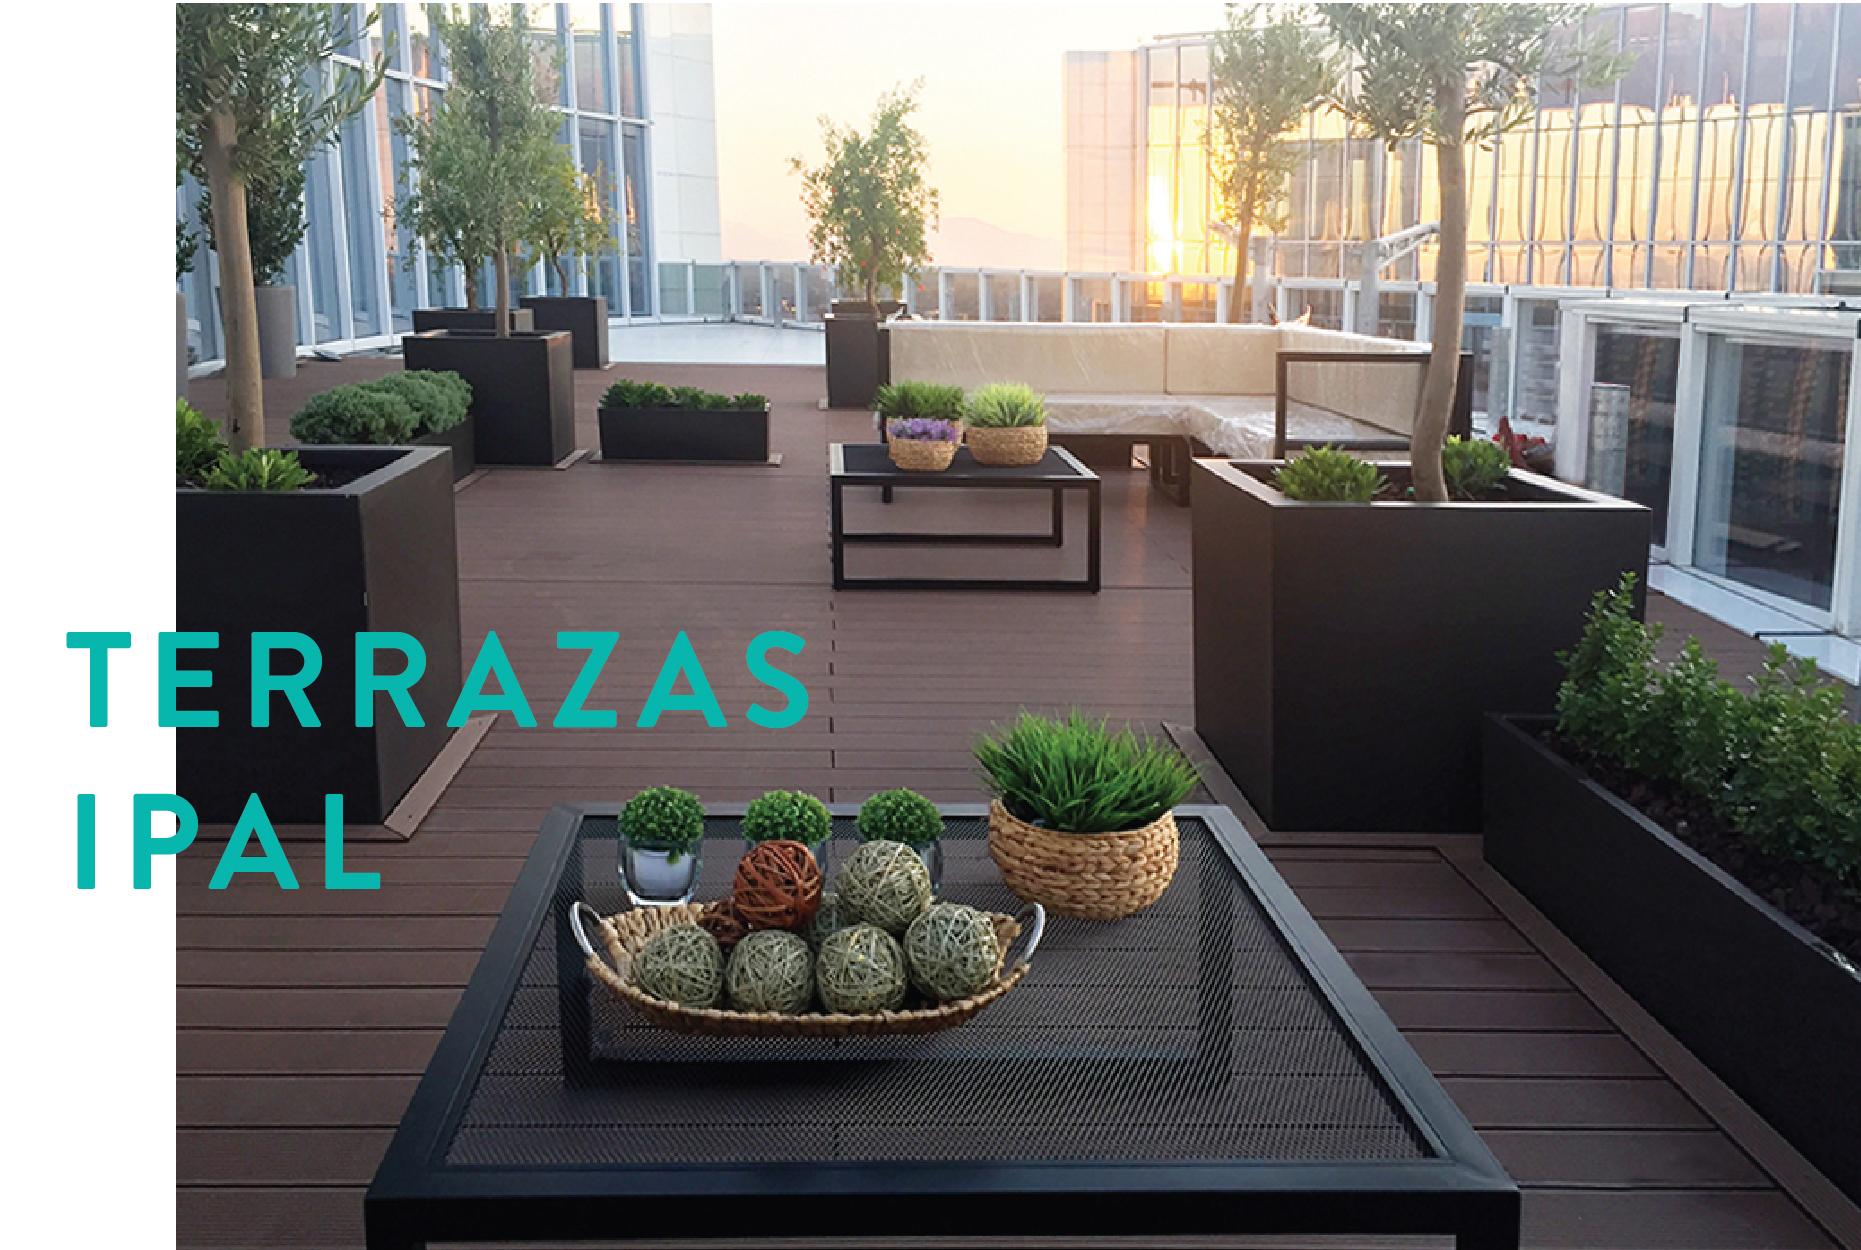 Formato Panoramico TERRAZAS IPAL-01.jpg